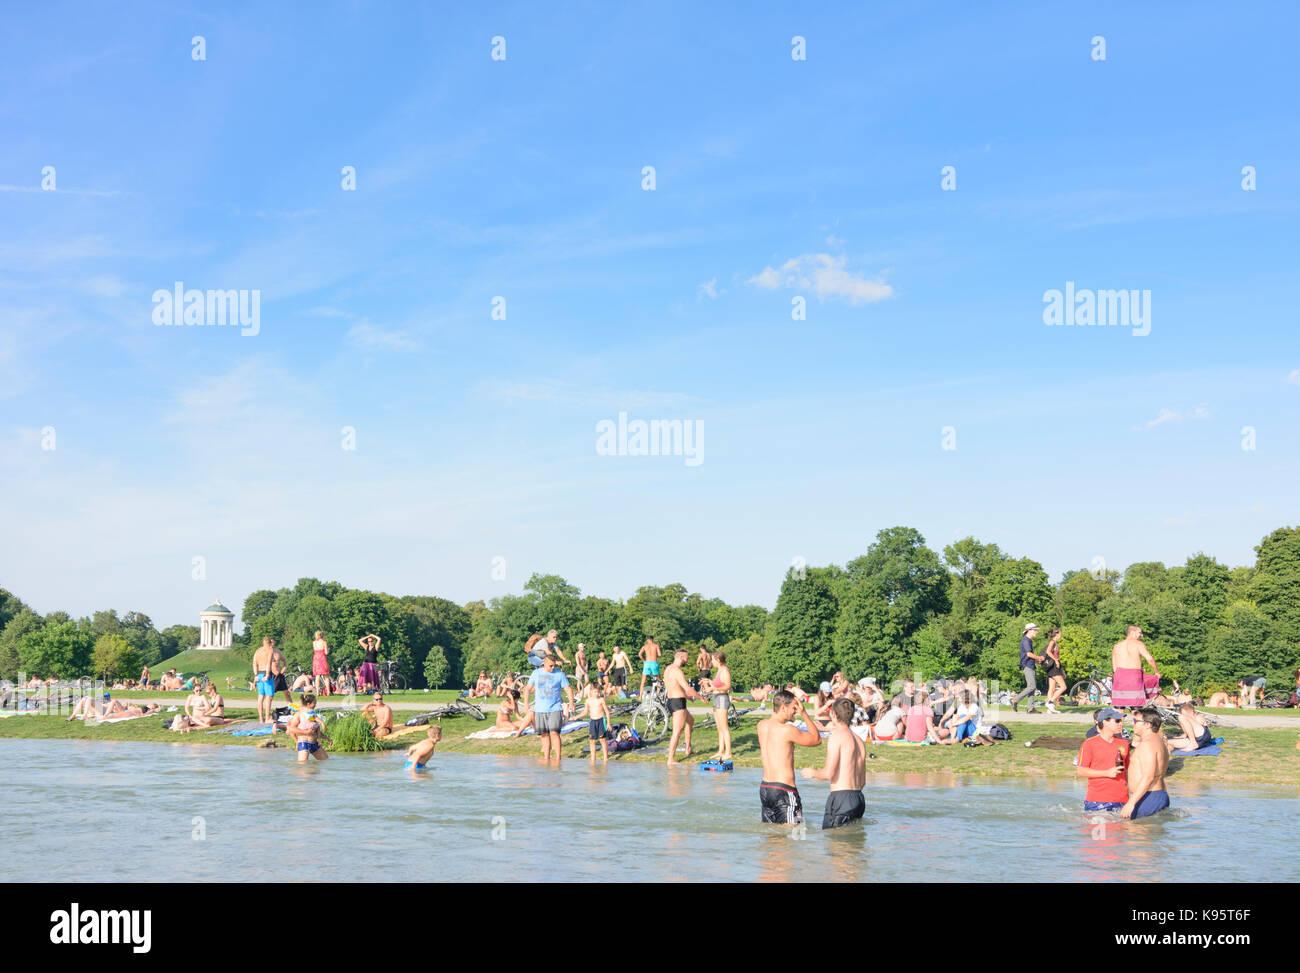 Englischer Garten (English Garden), view to Monopteros, stream Schwabinger Bach, bather, sunbather, people, München, - Stock Image